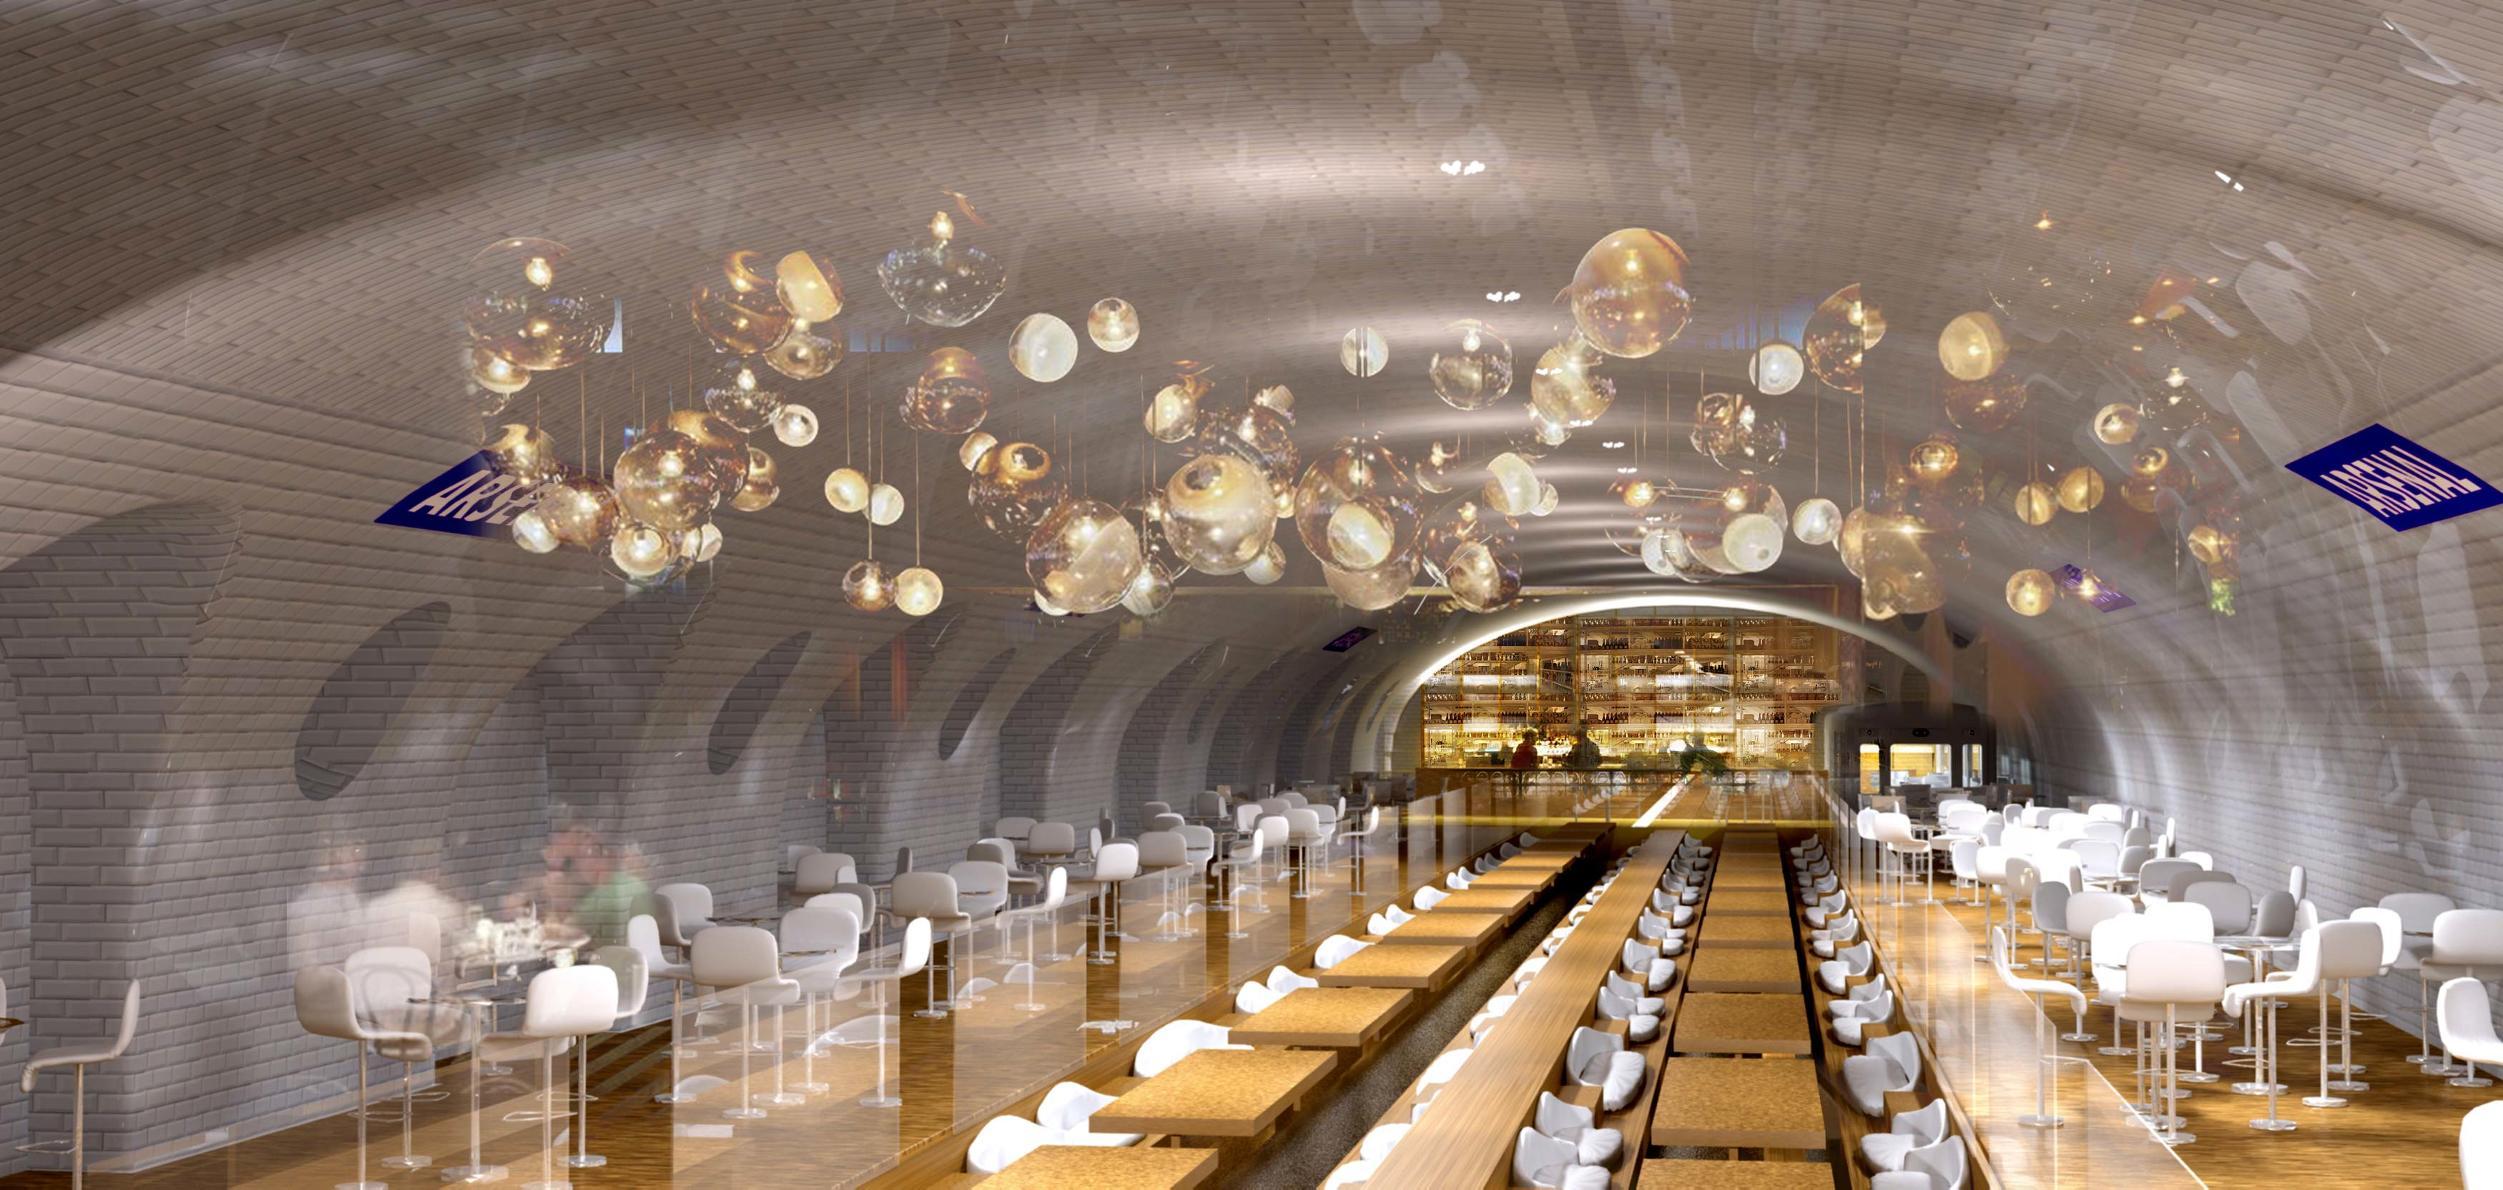 Ebenfalls im Angebot der Architekten ist die Nutzung der Bahnhöfe als Lounge und Restaurant.